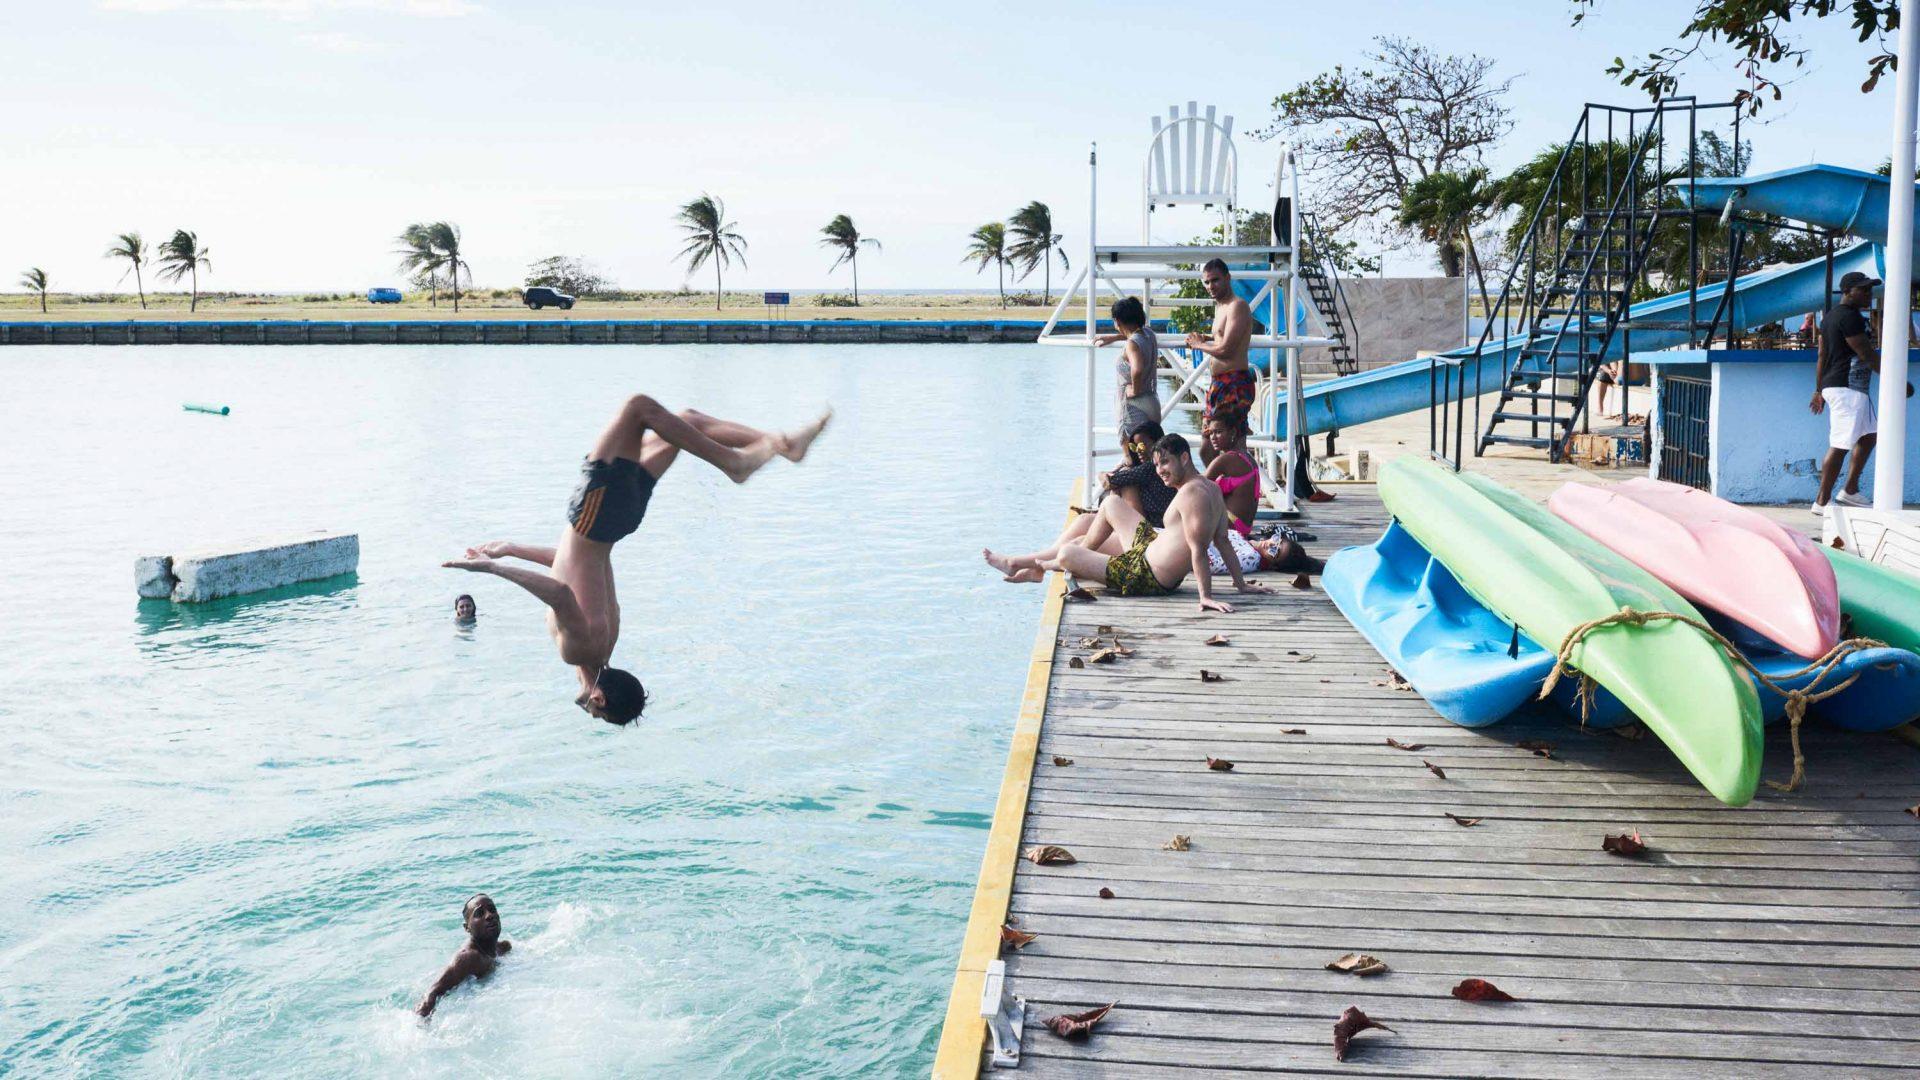 Hero-Havana-swimming-spots-Marina-Hemingway-Photo-credit-Rama-Knight-1-1920x1080.jpg